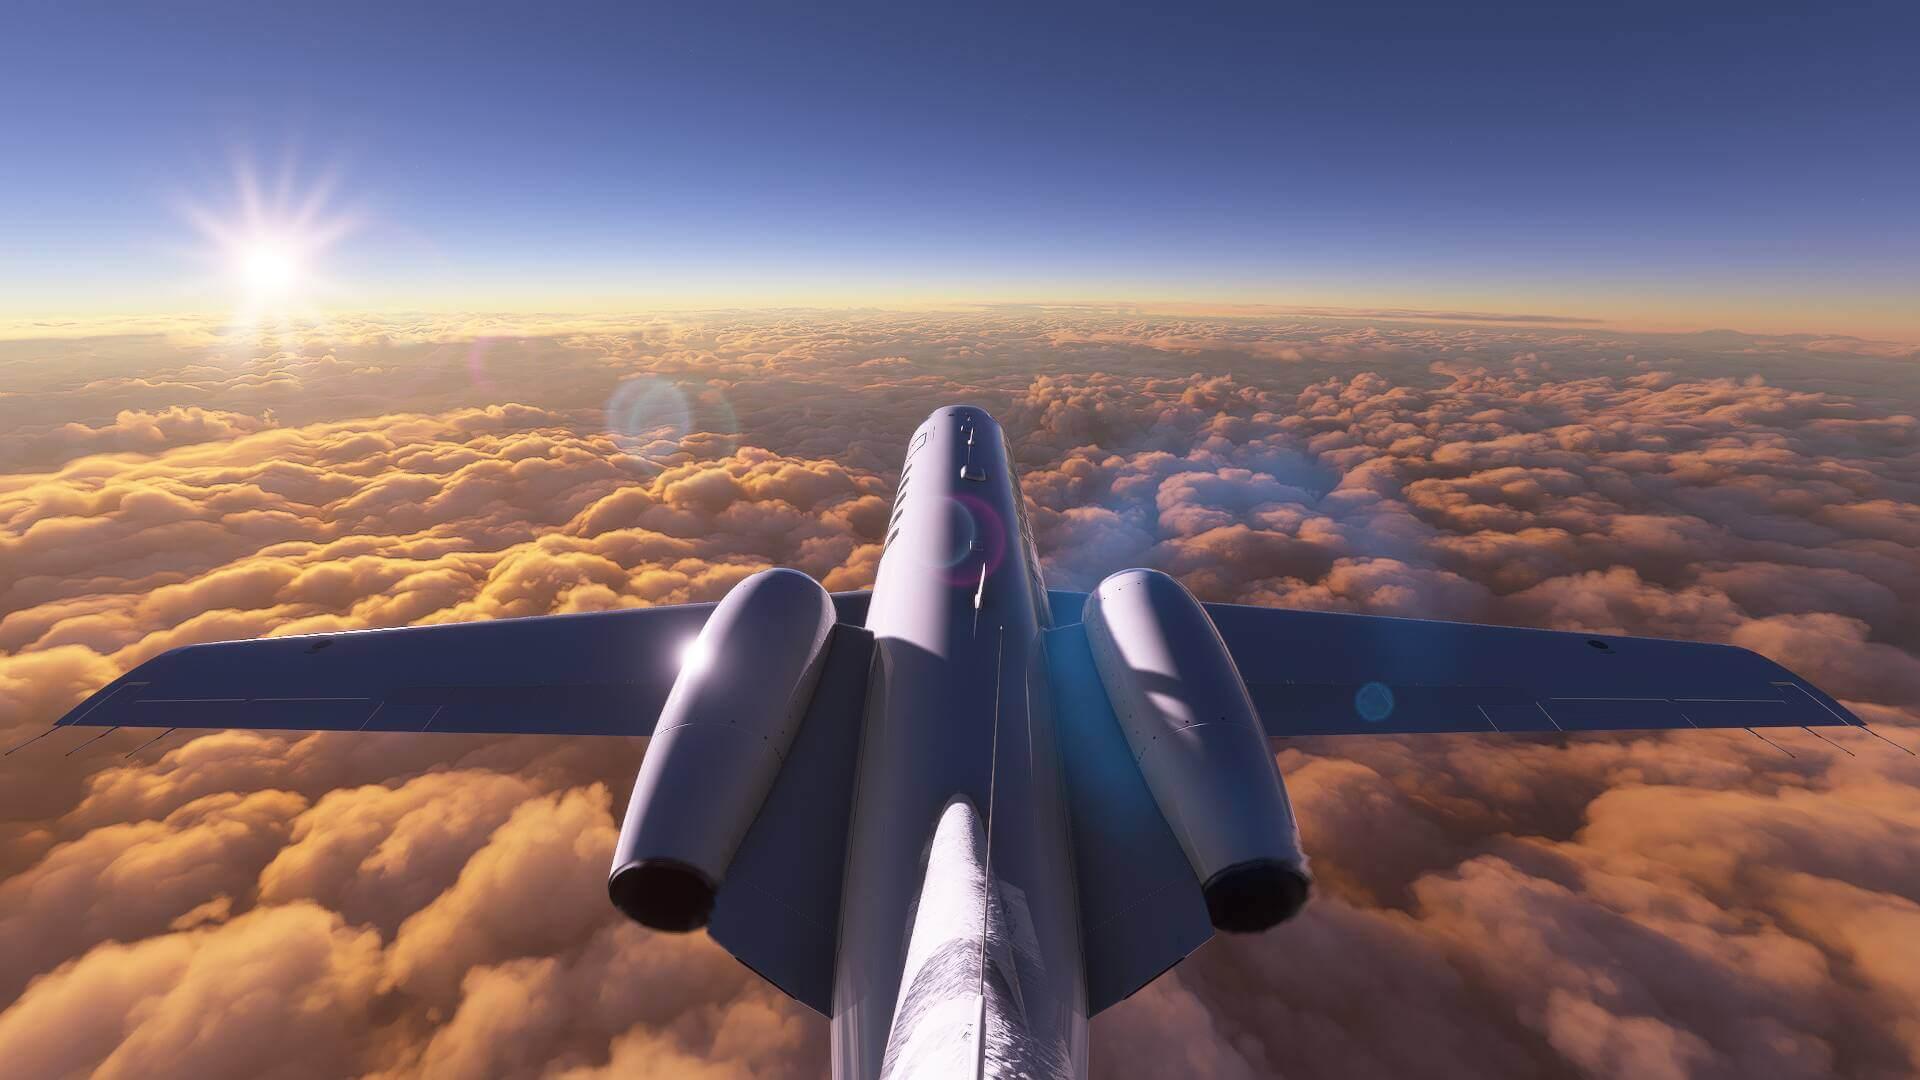 Microsoft Flight Simulator recibe contenidos de más de 100 empresas externas 2